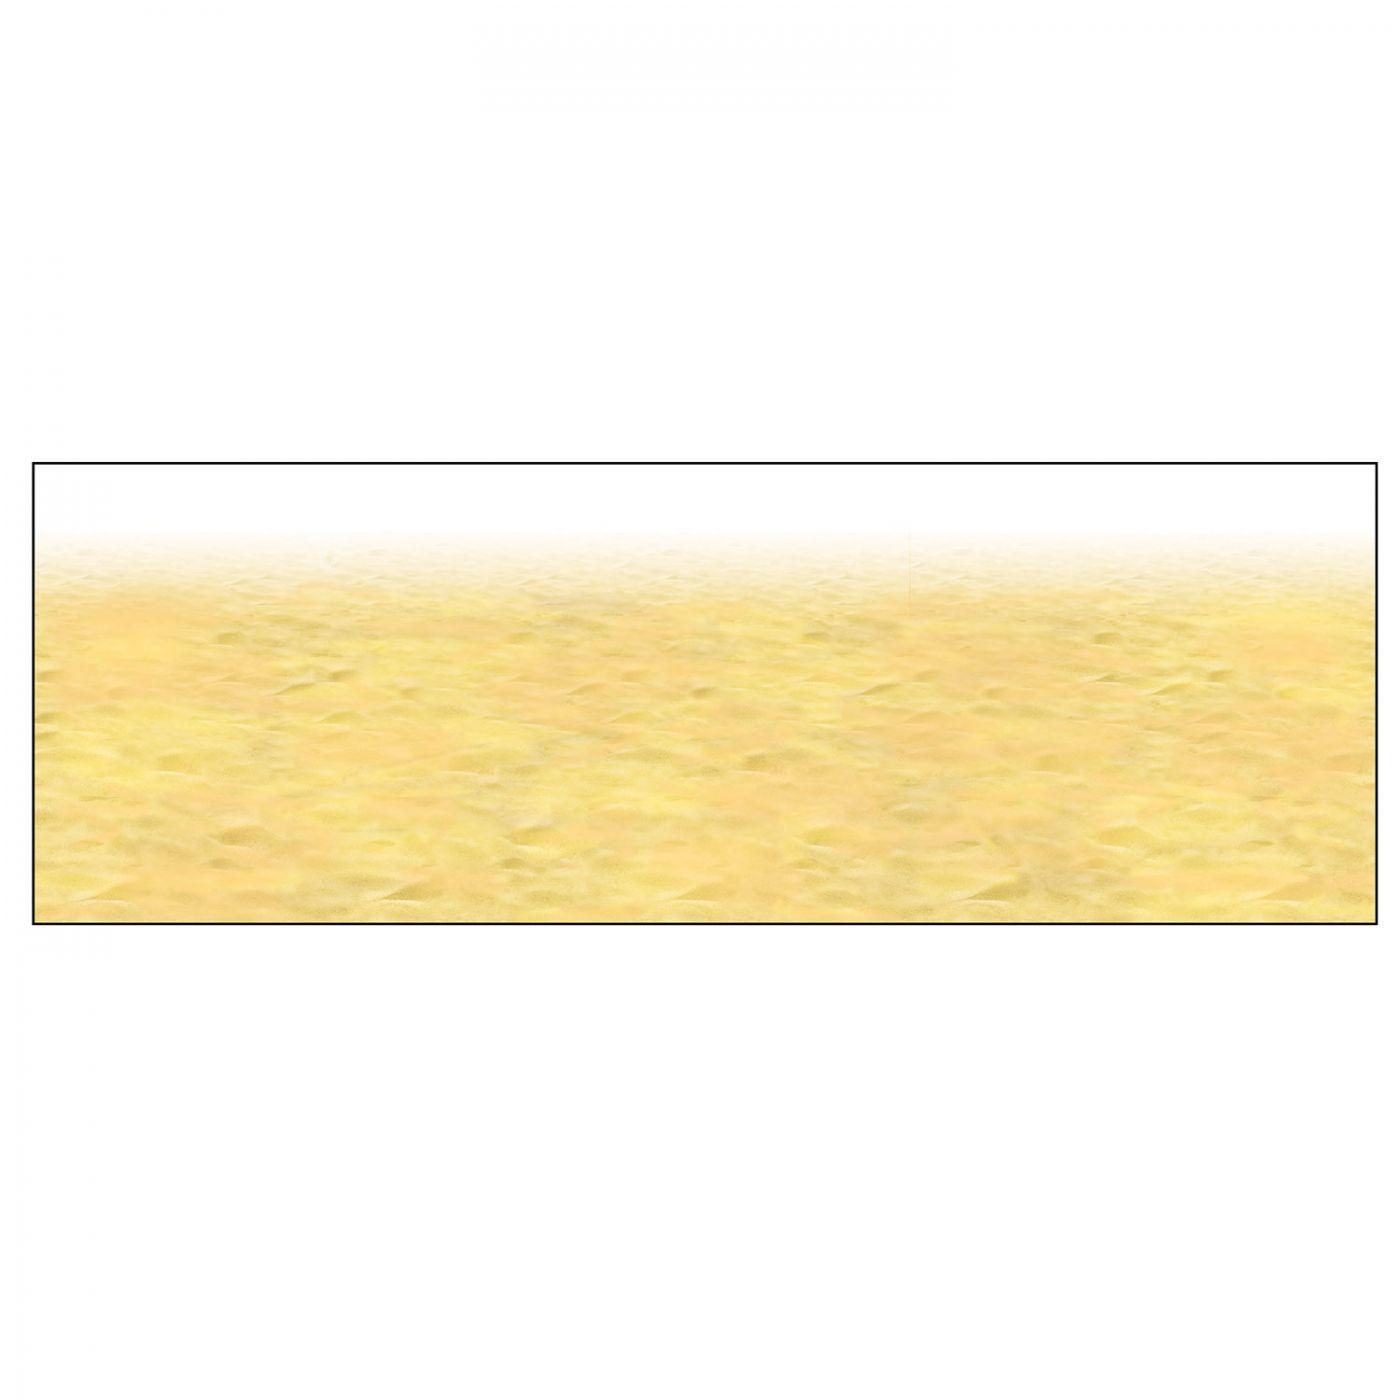 Ocean Floor Border (6) image